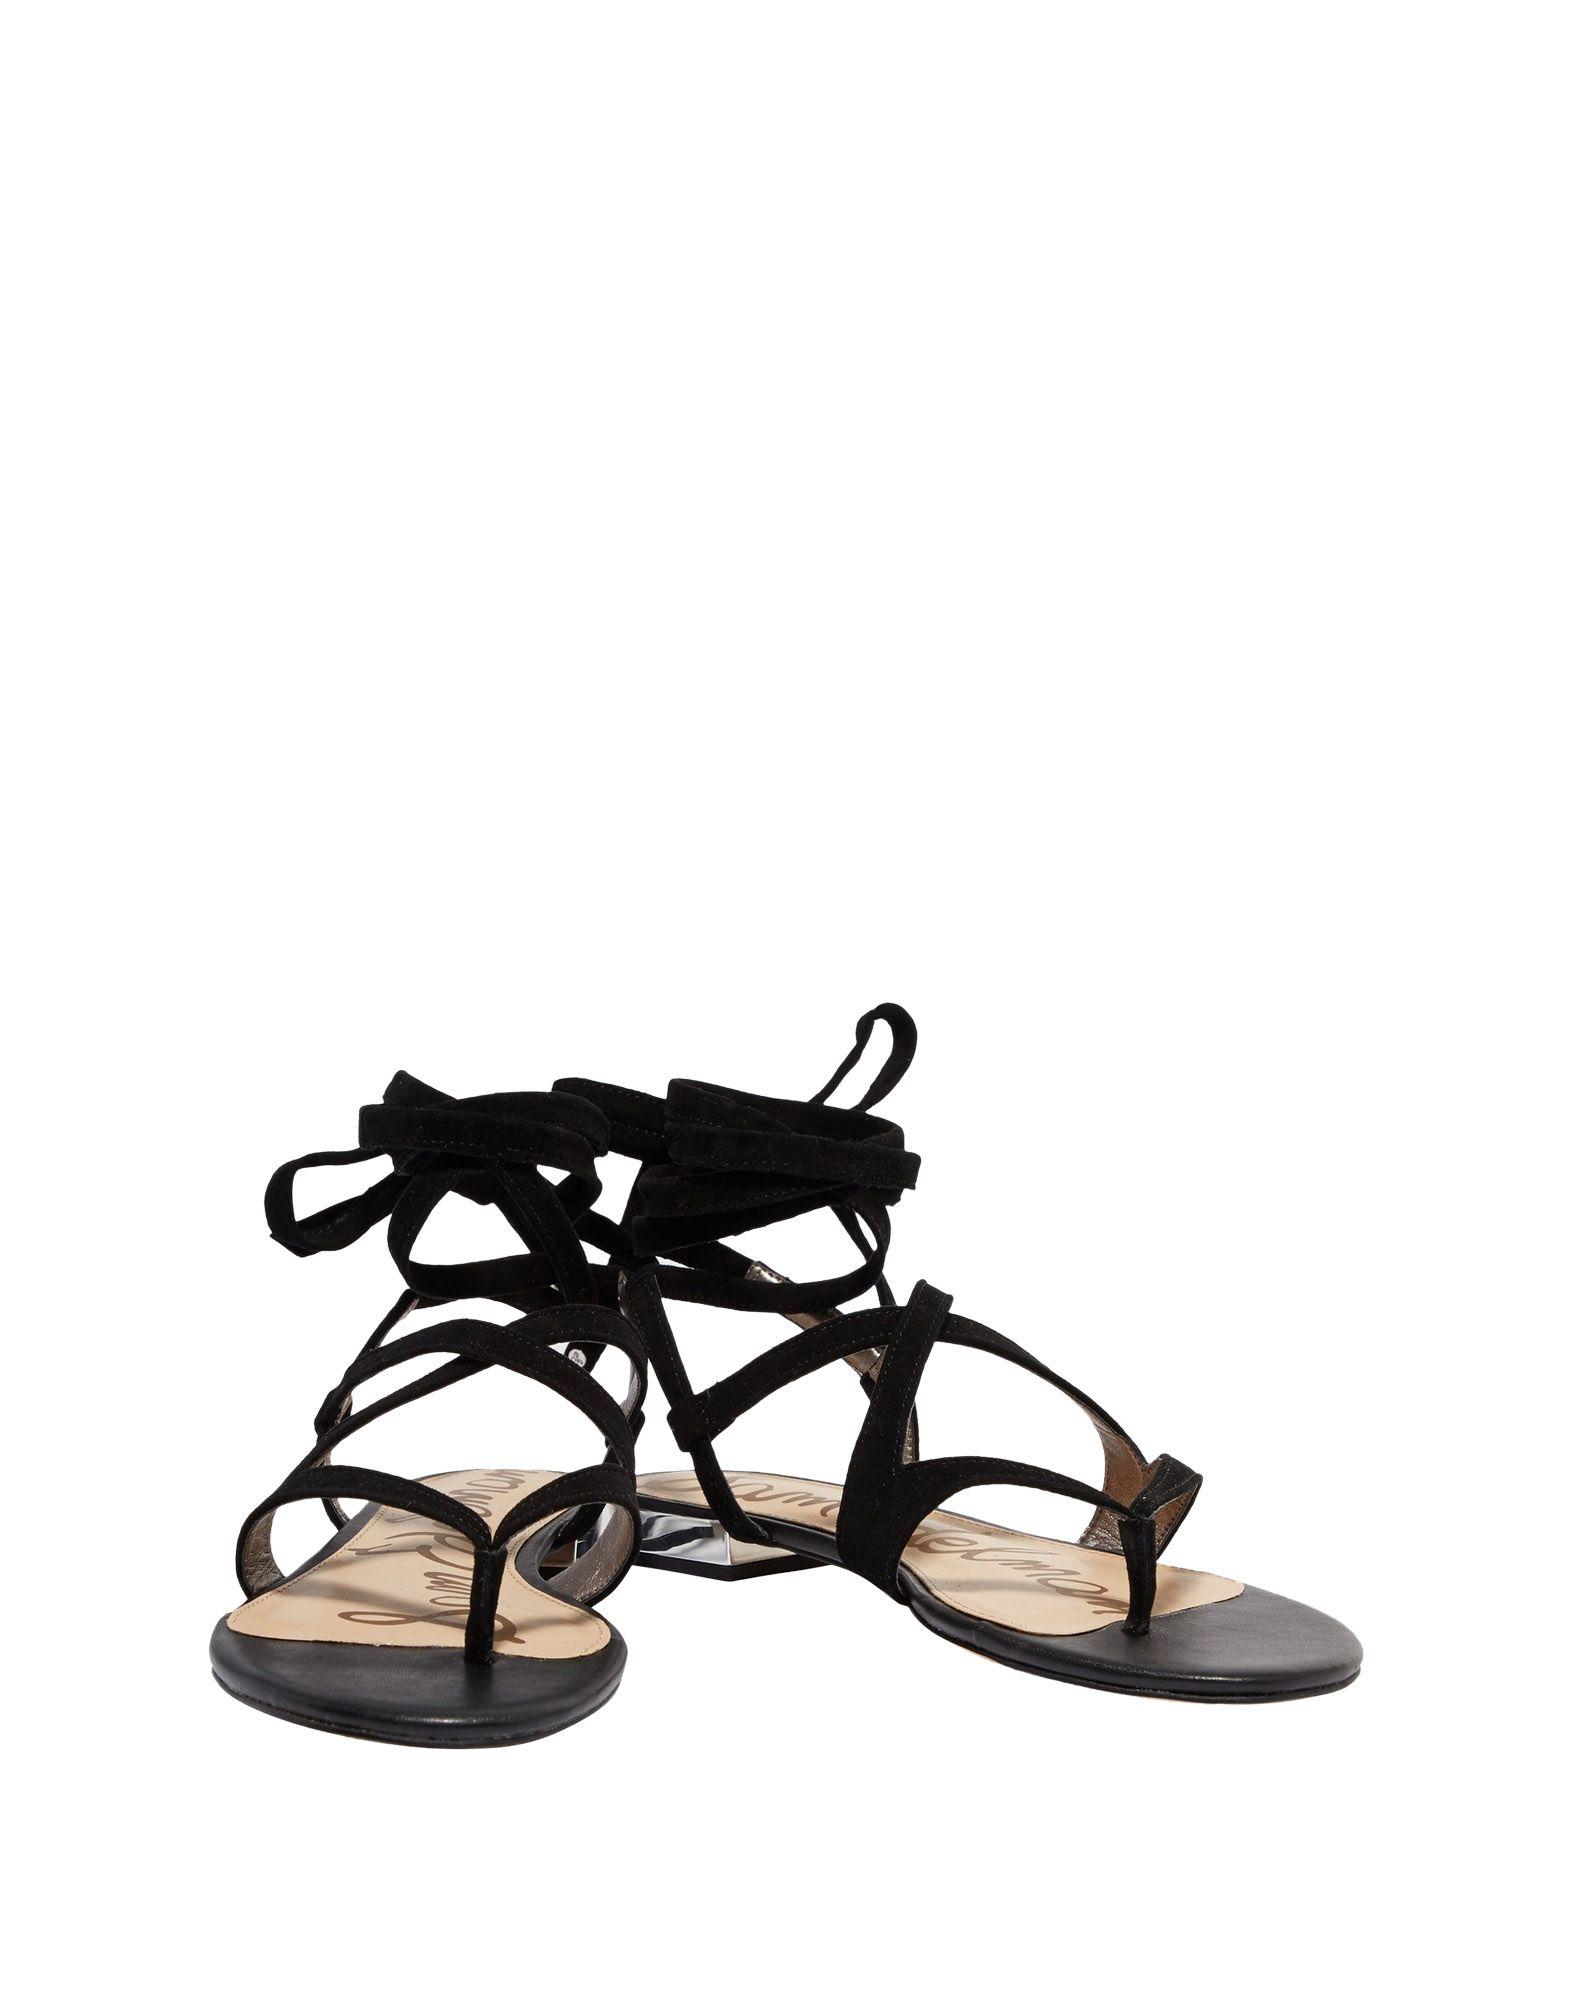 Sam Edelman Dianetten Damen  11515254JJ Gute Qualität beliebte Schuhe